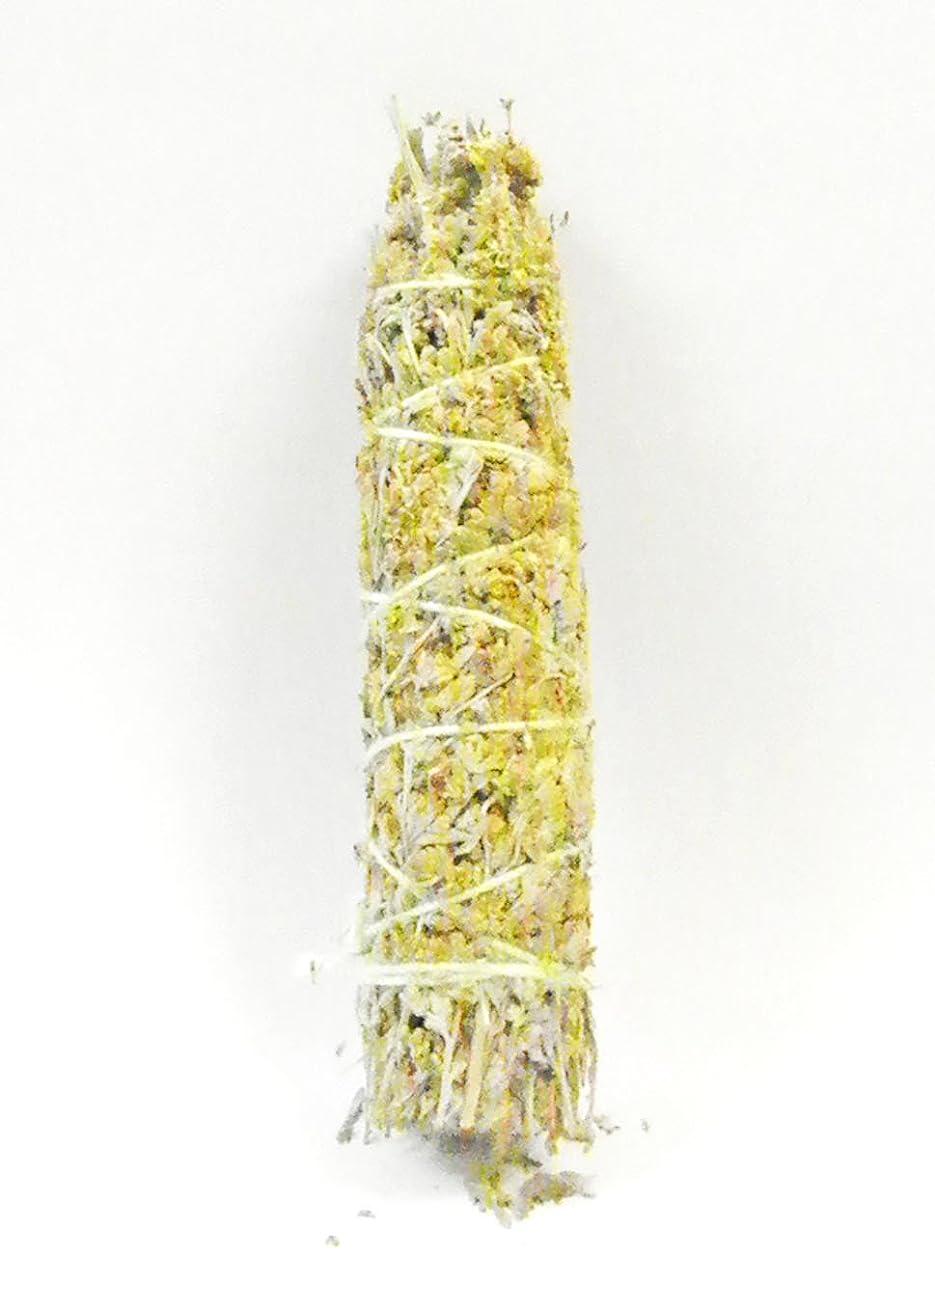 胆嚢種スイス人ブルーセージ 浄化用 約45g 1束 無農薬 お香 パワーストーン [並行輸入品]